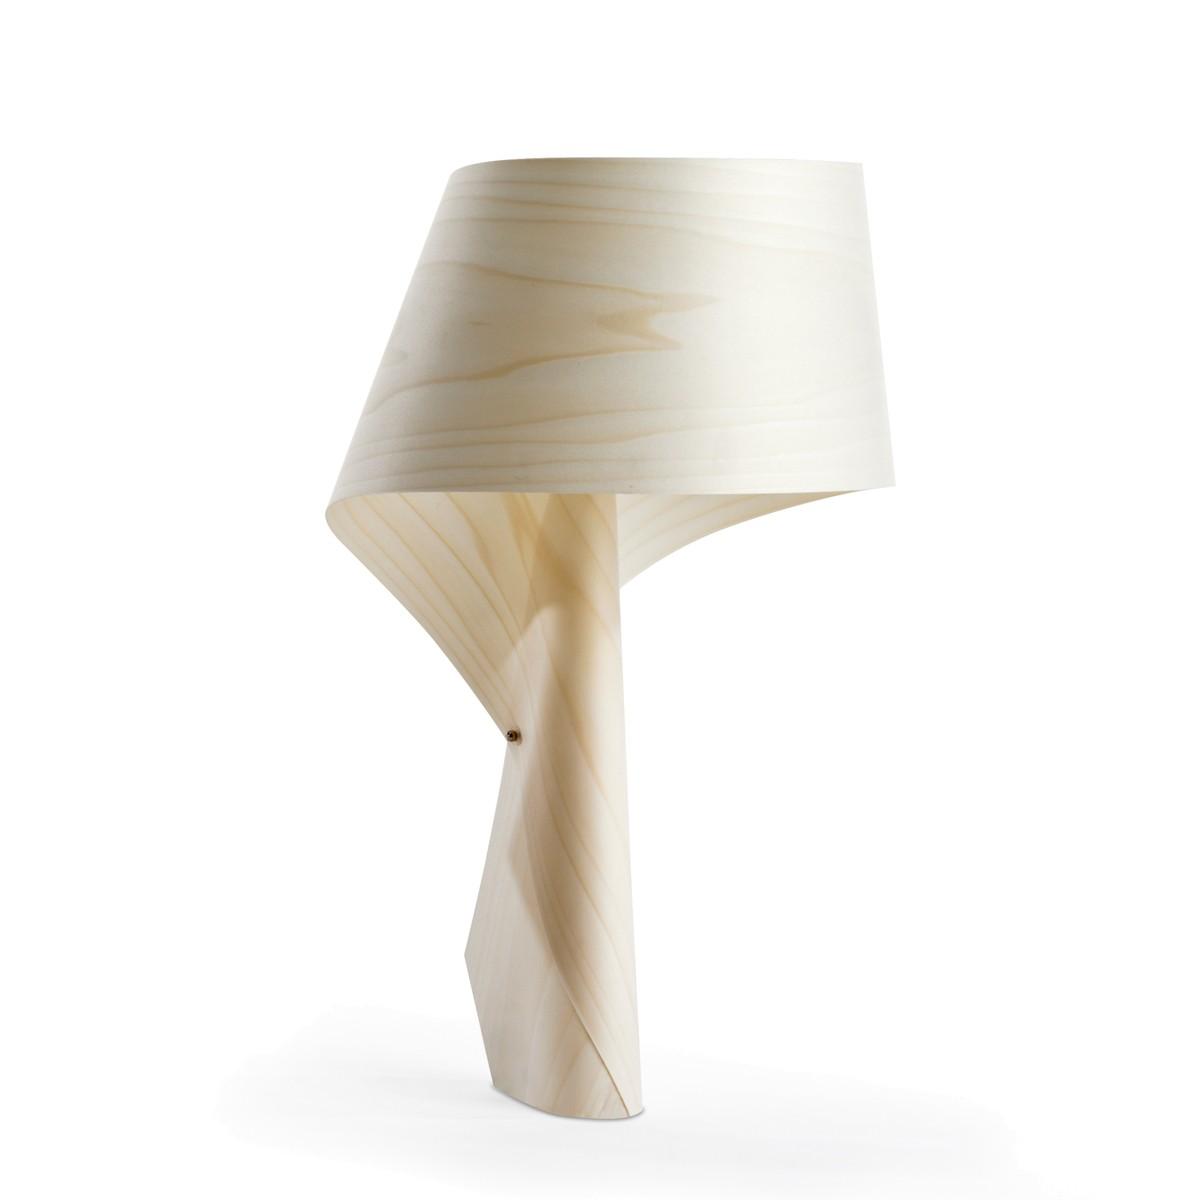 LZF Lamps Air Tischleuchte, elfenbeinweiß